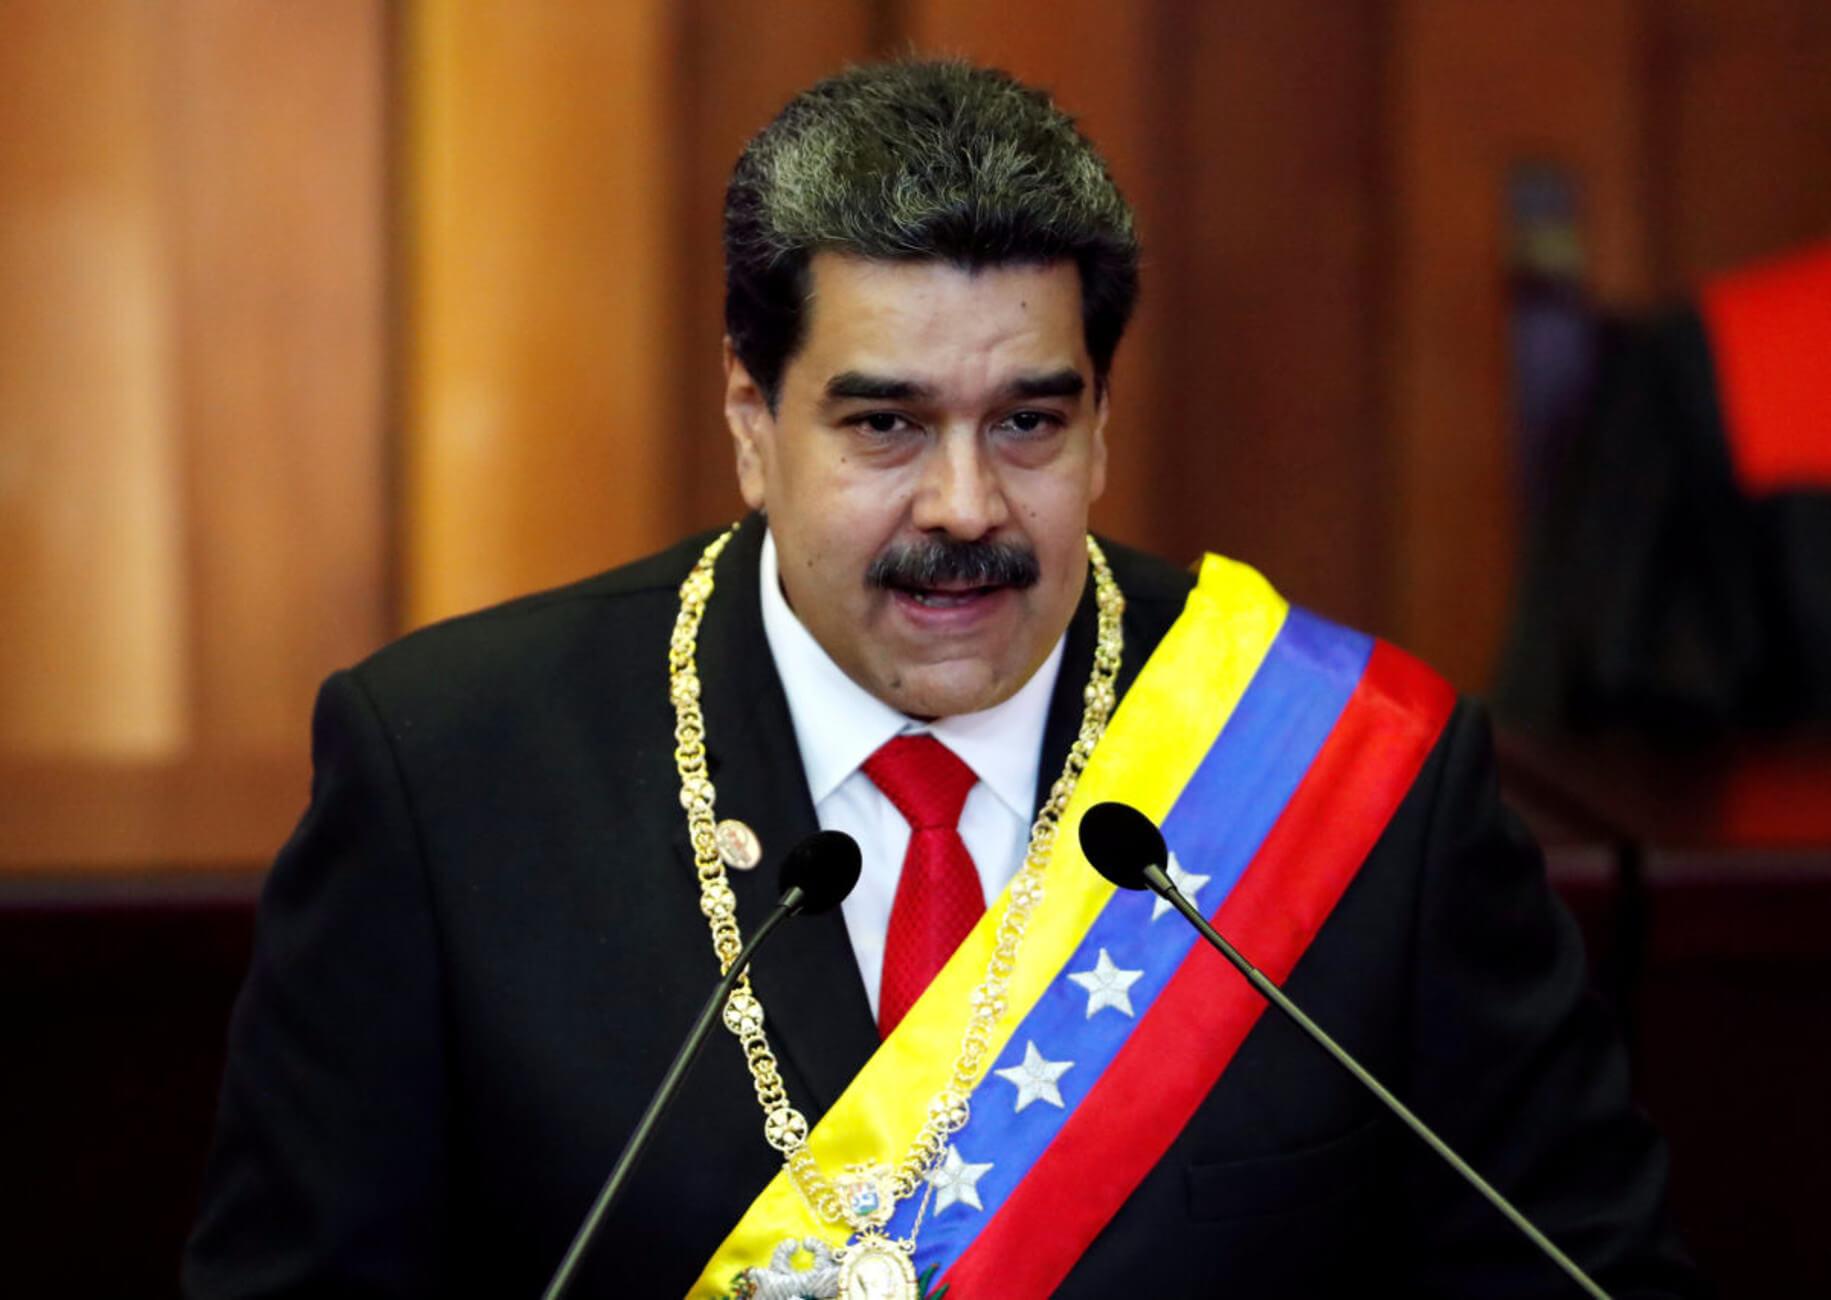 Βενεζουέλα: Σε επίθεση σε κεντρικό υδροηλεκτρικό σταθμό οφείλεται το μπλακ- άουτ σύμφωνα με τον Μαδούρο